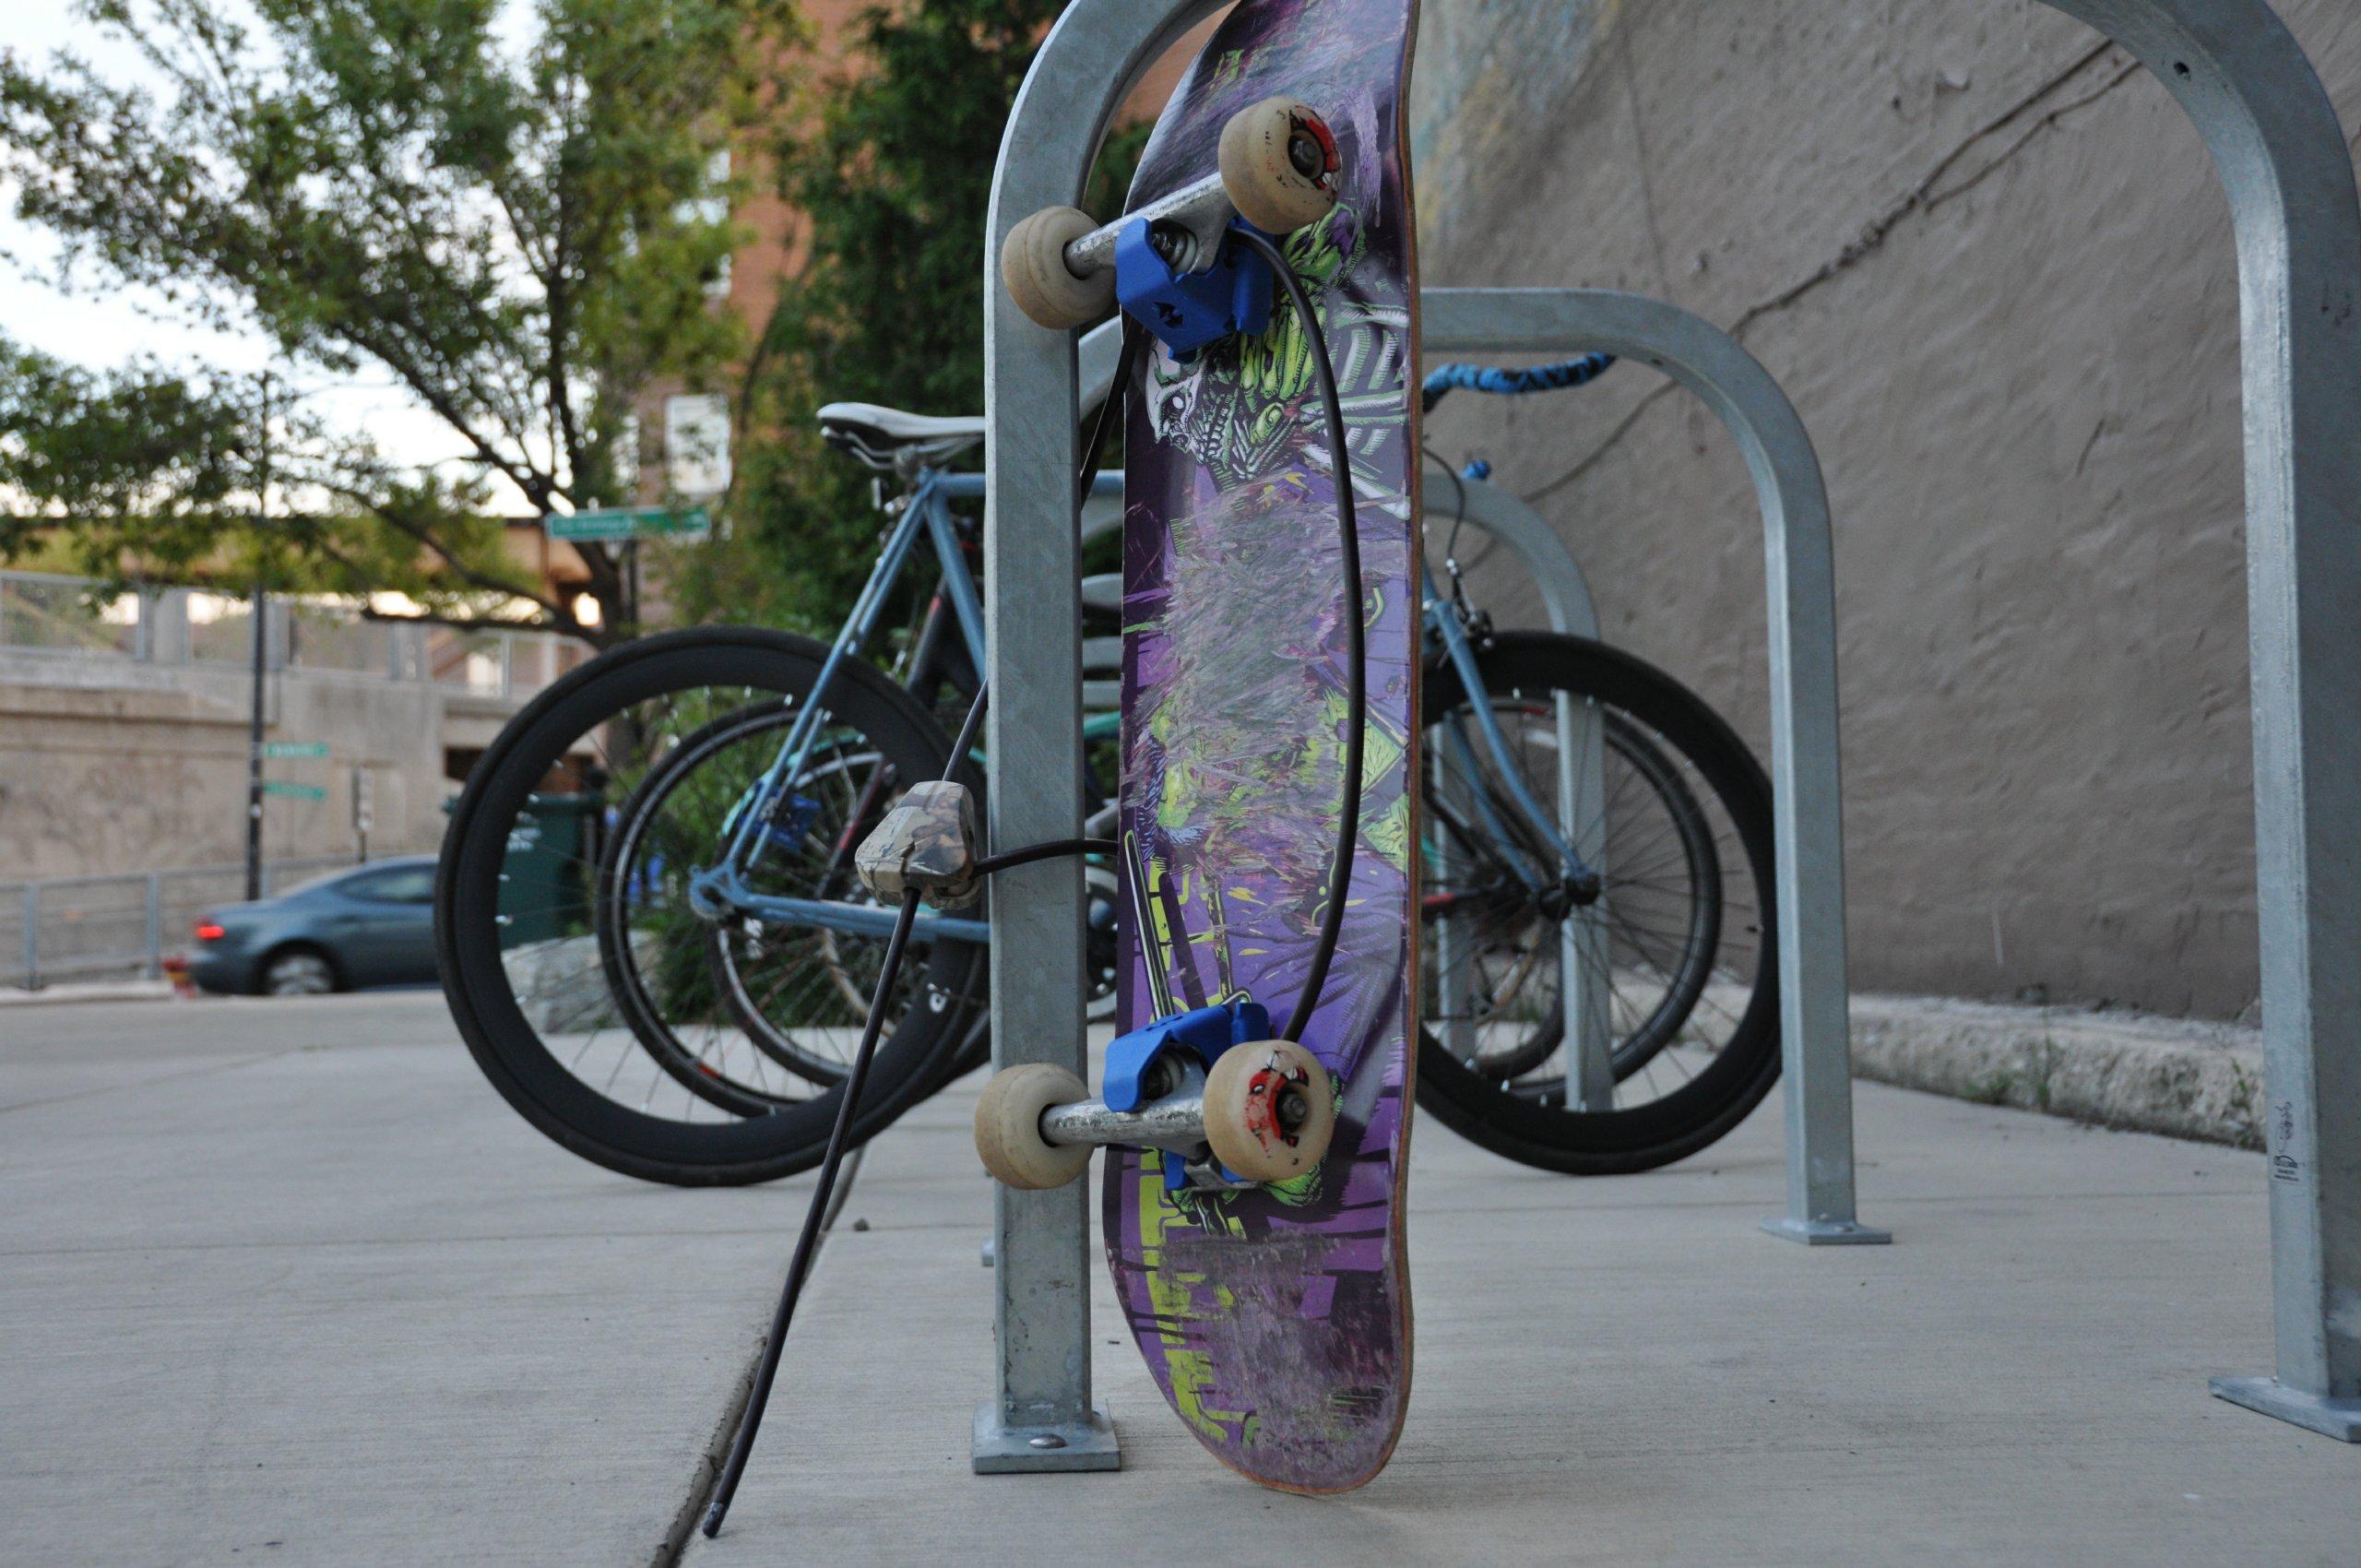 Accroche Velo destiné accrocher son skateboard à son bike, c'est possible